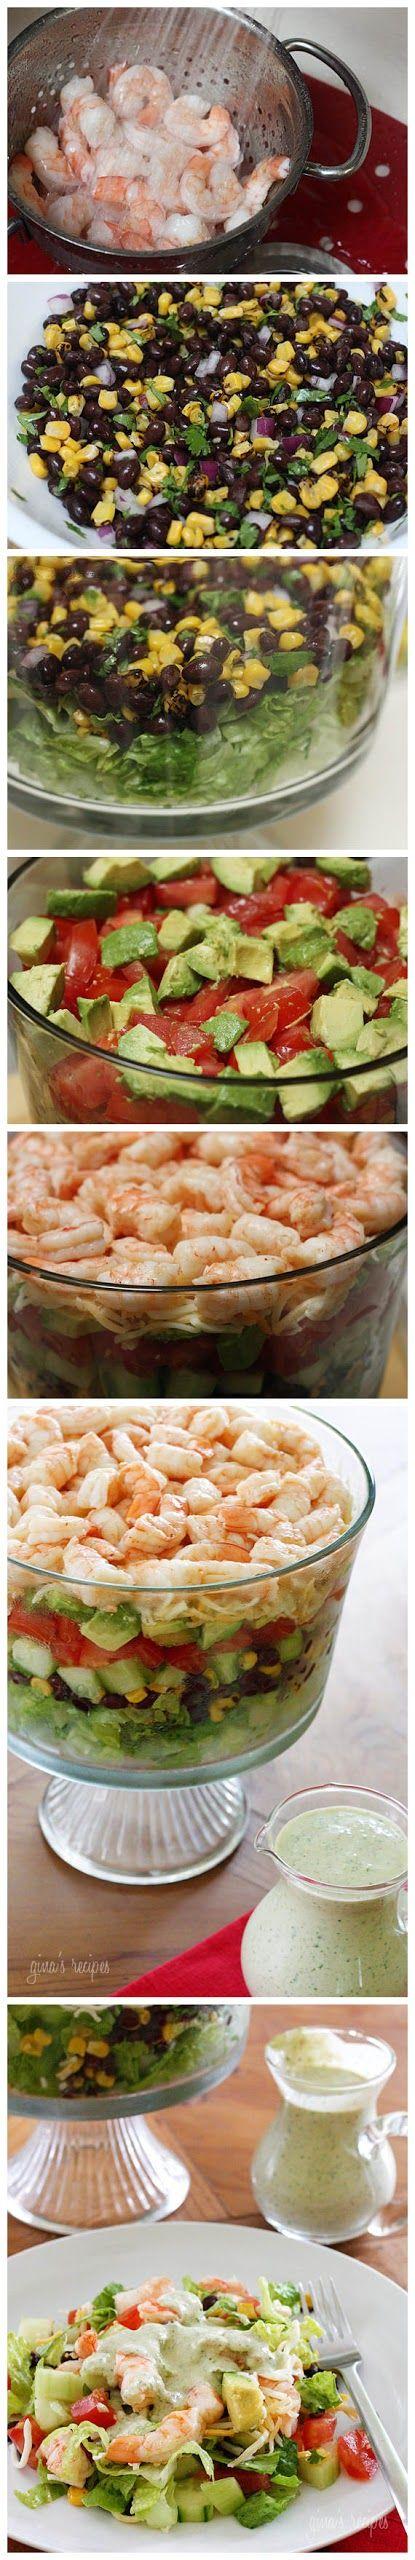 joysama images: Mexican Shrimp Cobb Salad